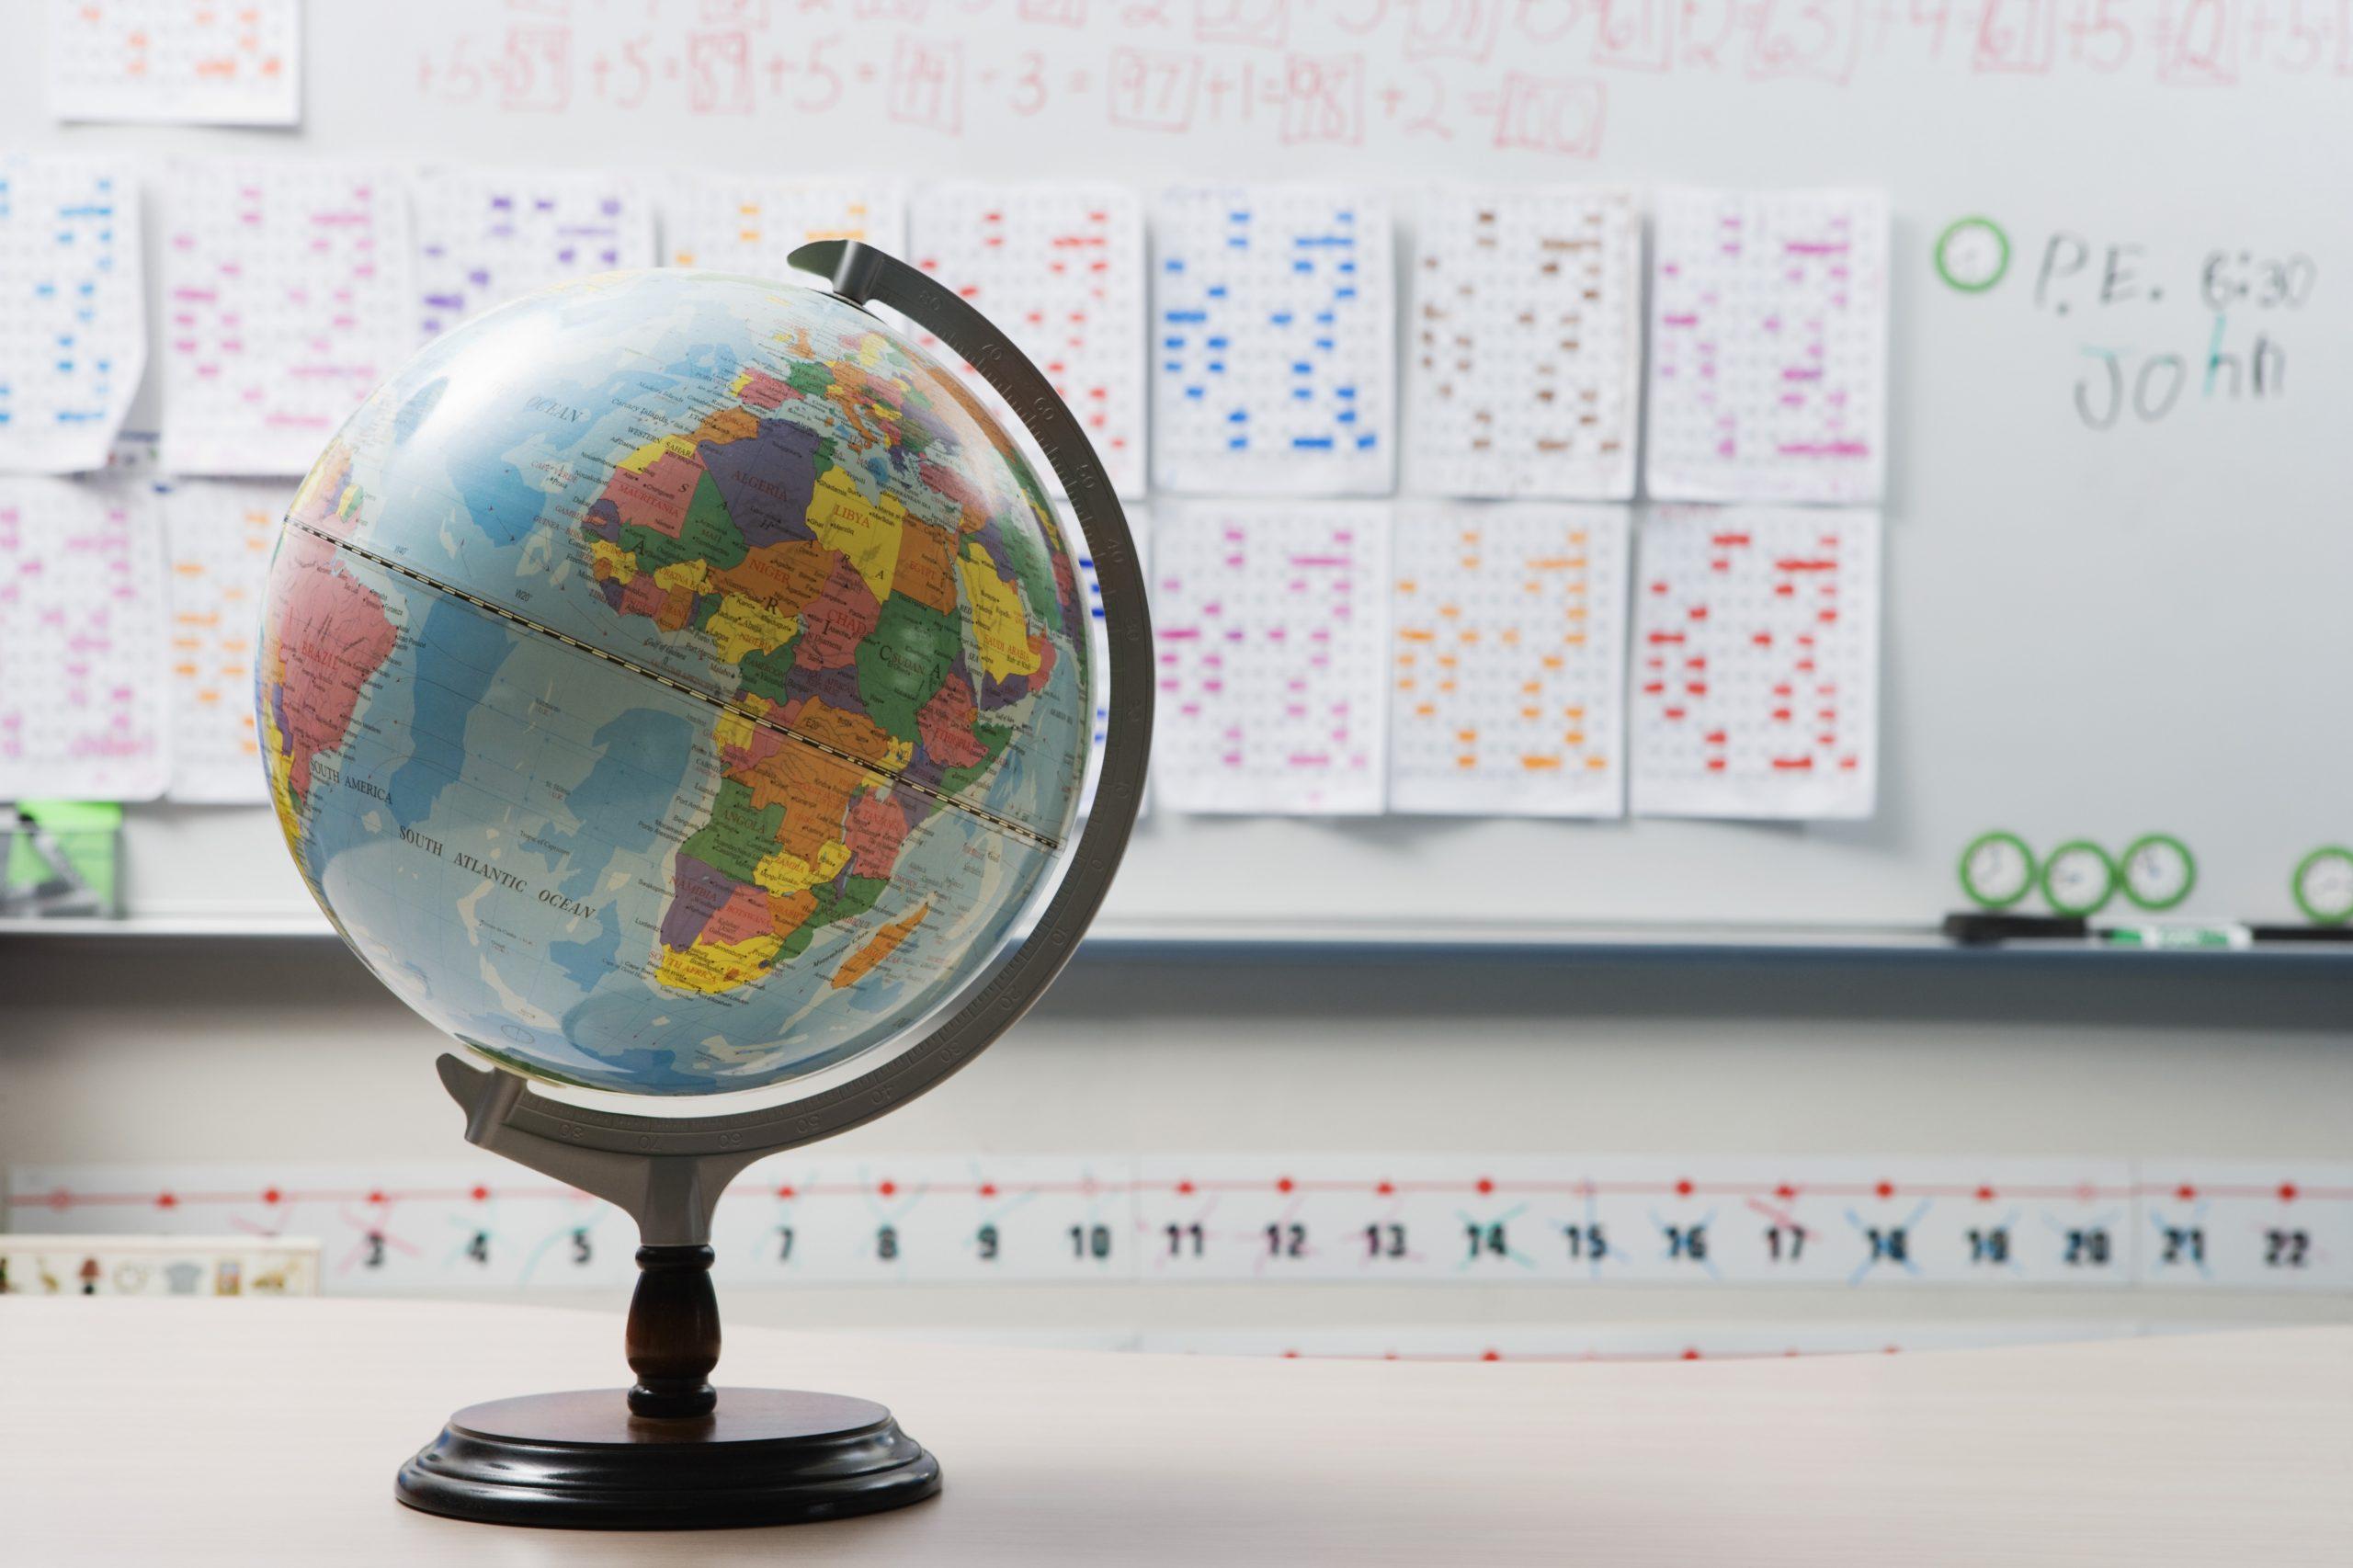 Wereldeconomie: een normalisering met twee snelheden